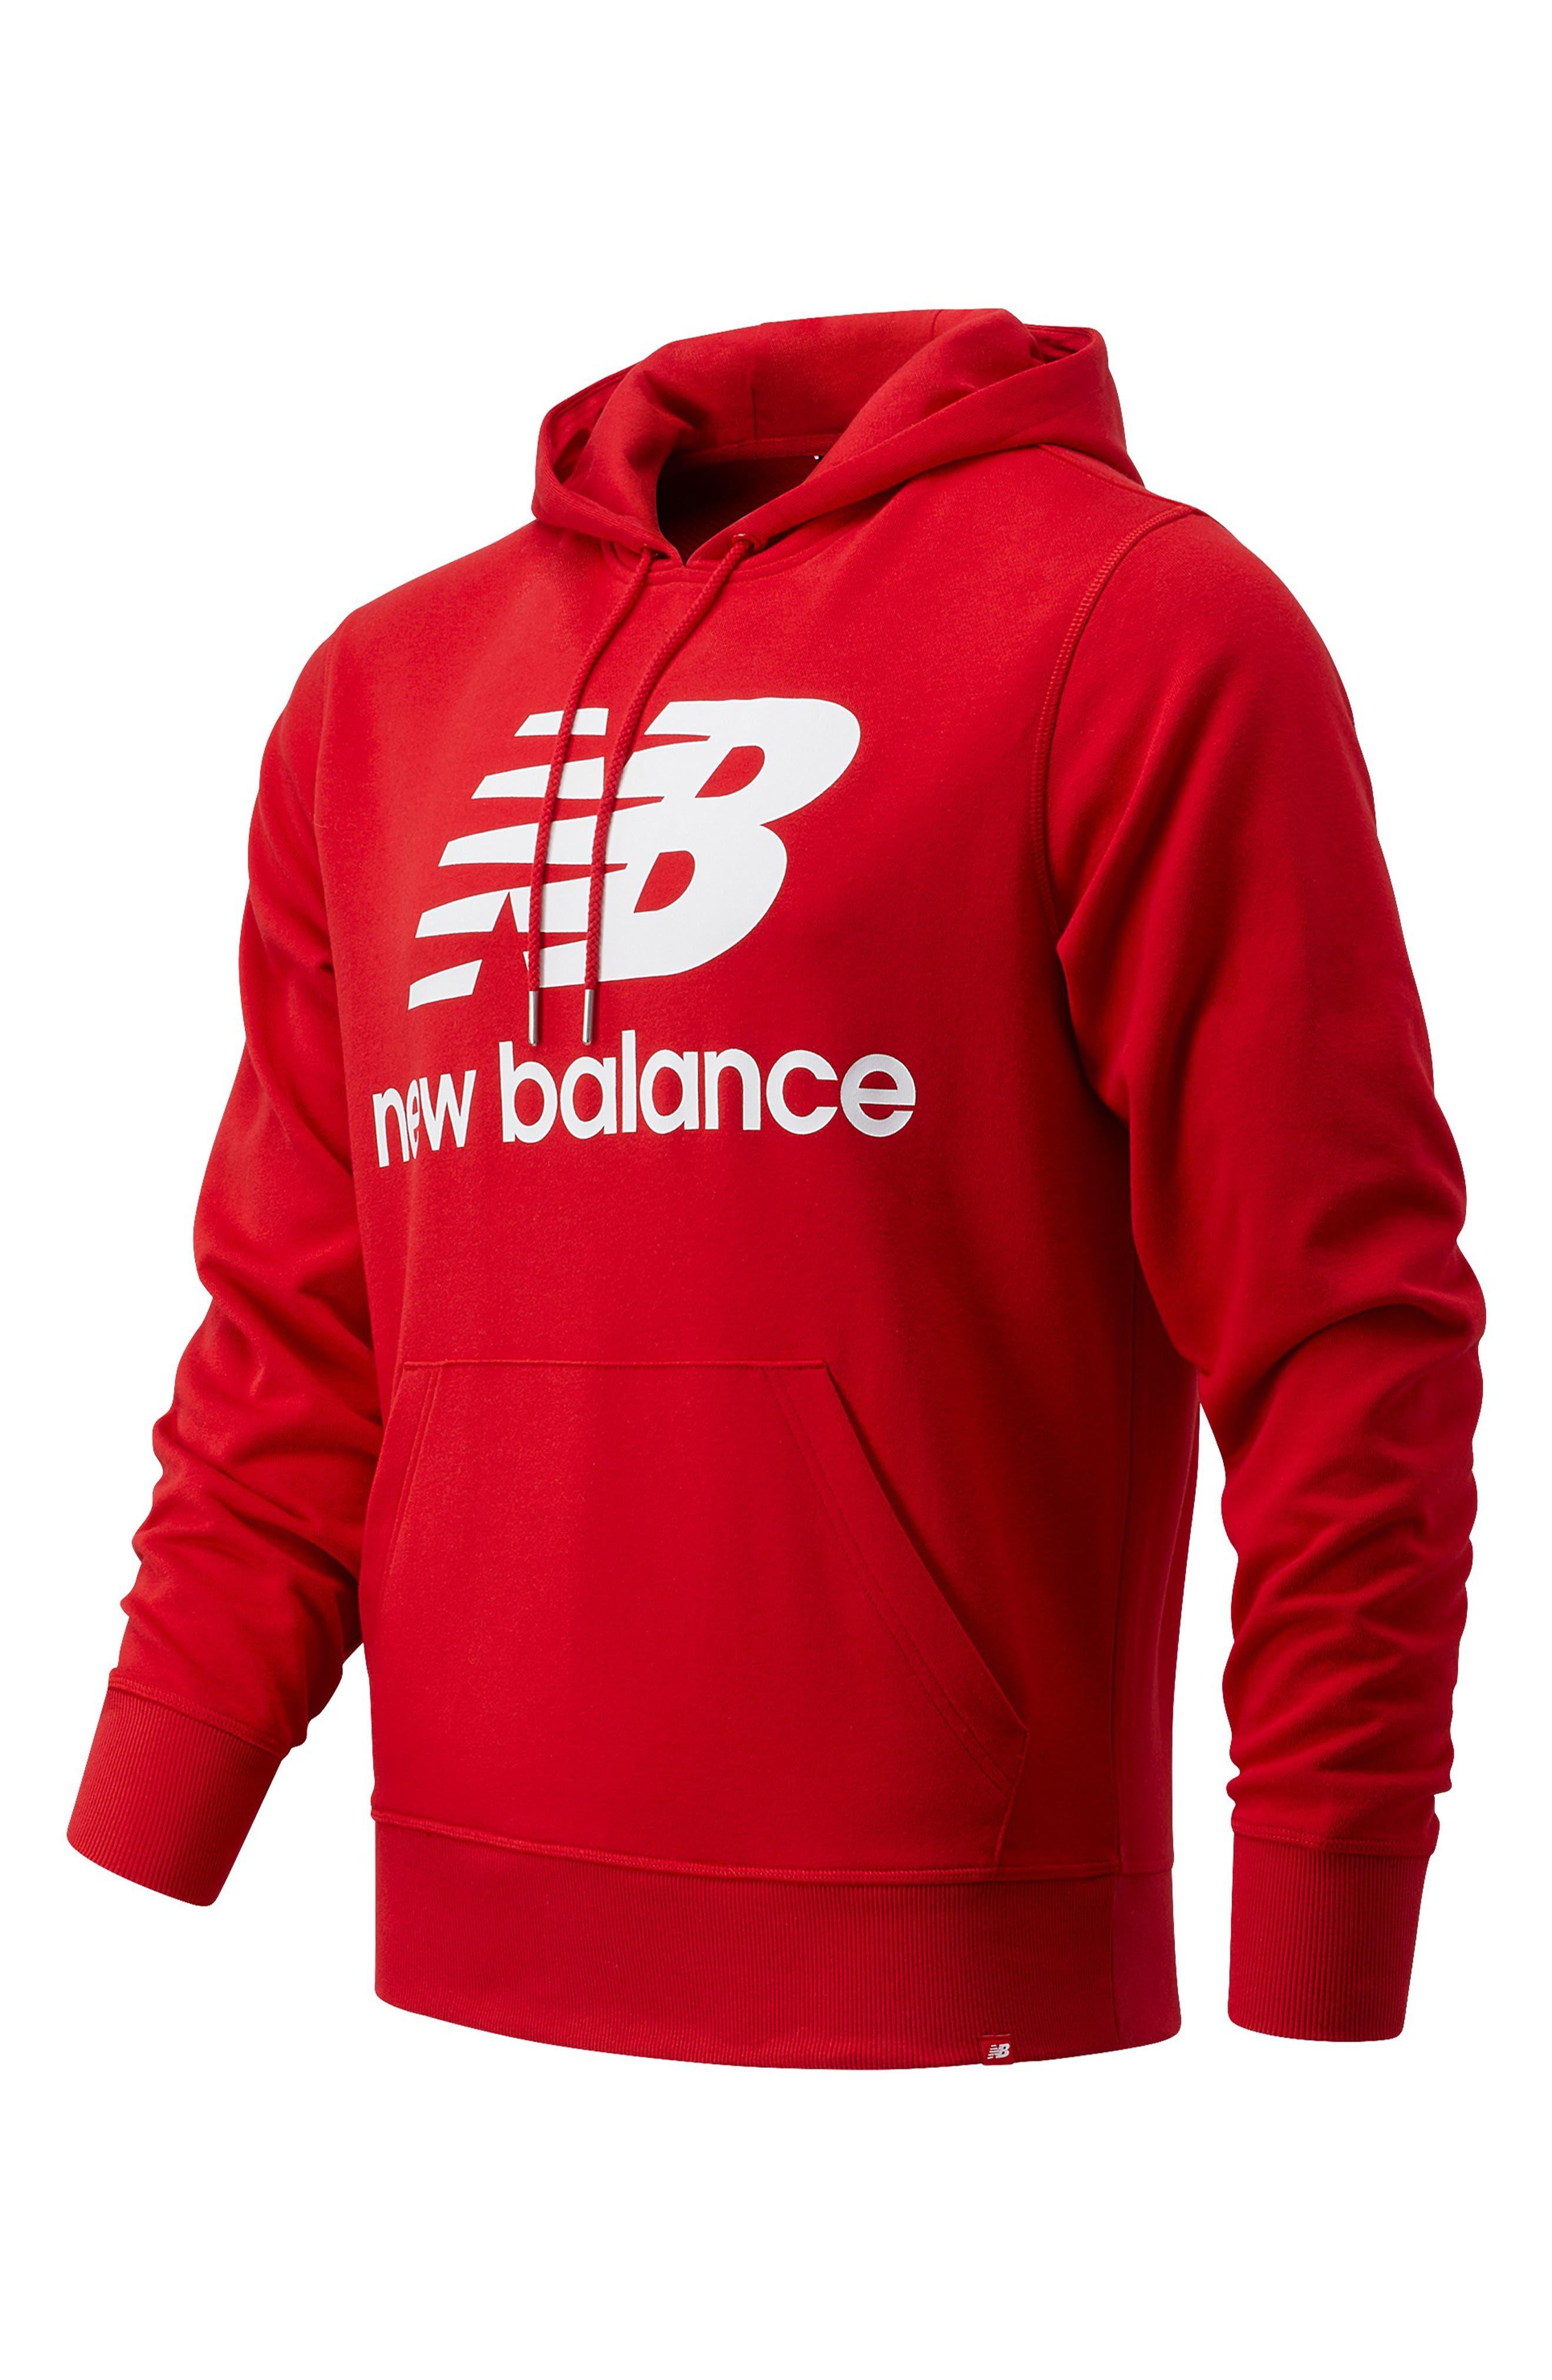 Men's New Balance Hoodies & Sweatshirts | Nordstrom